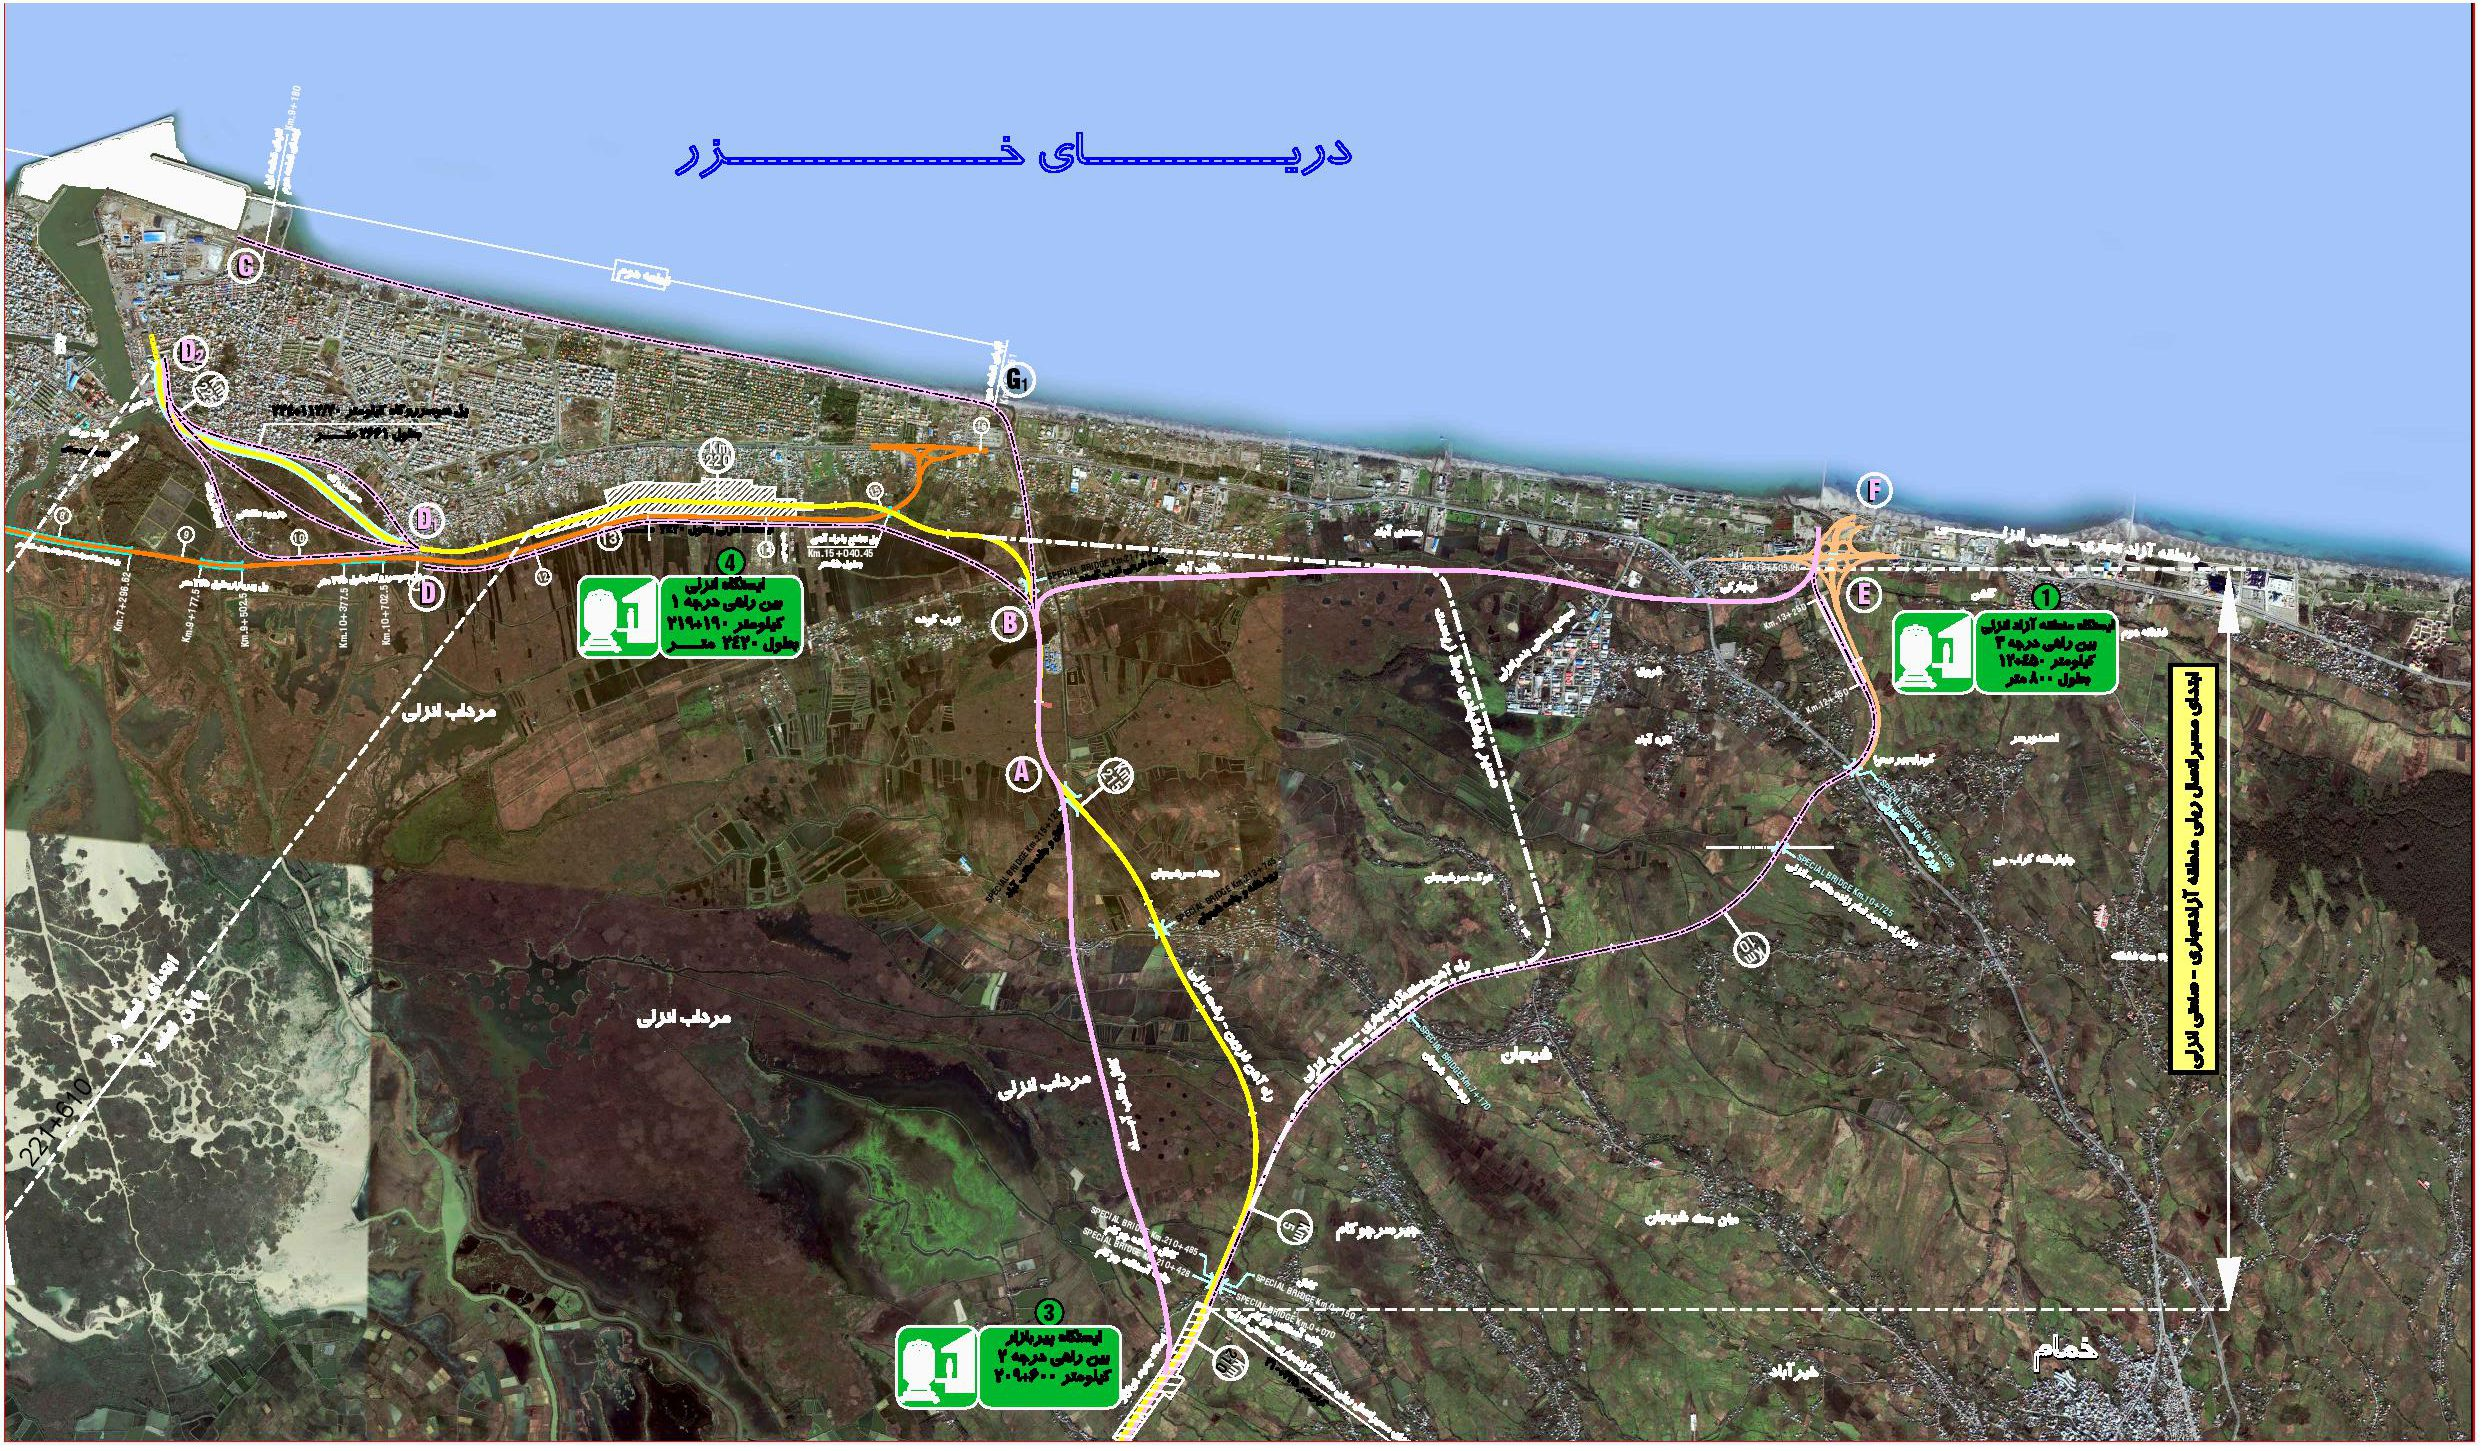 چالش های ناتمام اجرای پروژه ی راه آهن رشت – انزلی